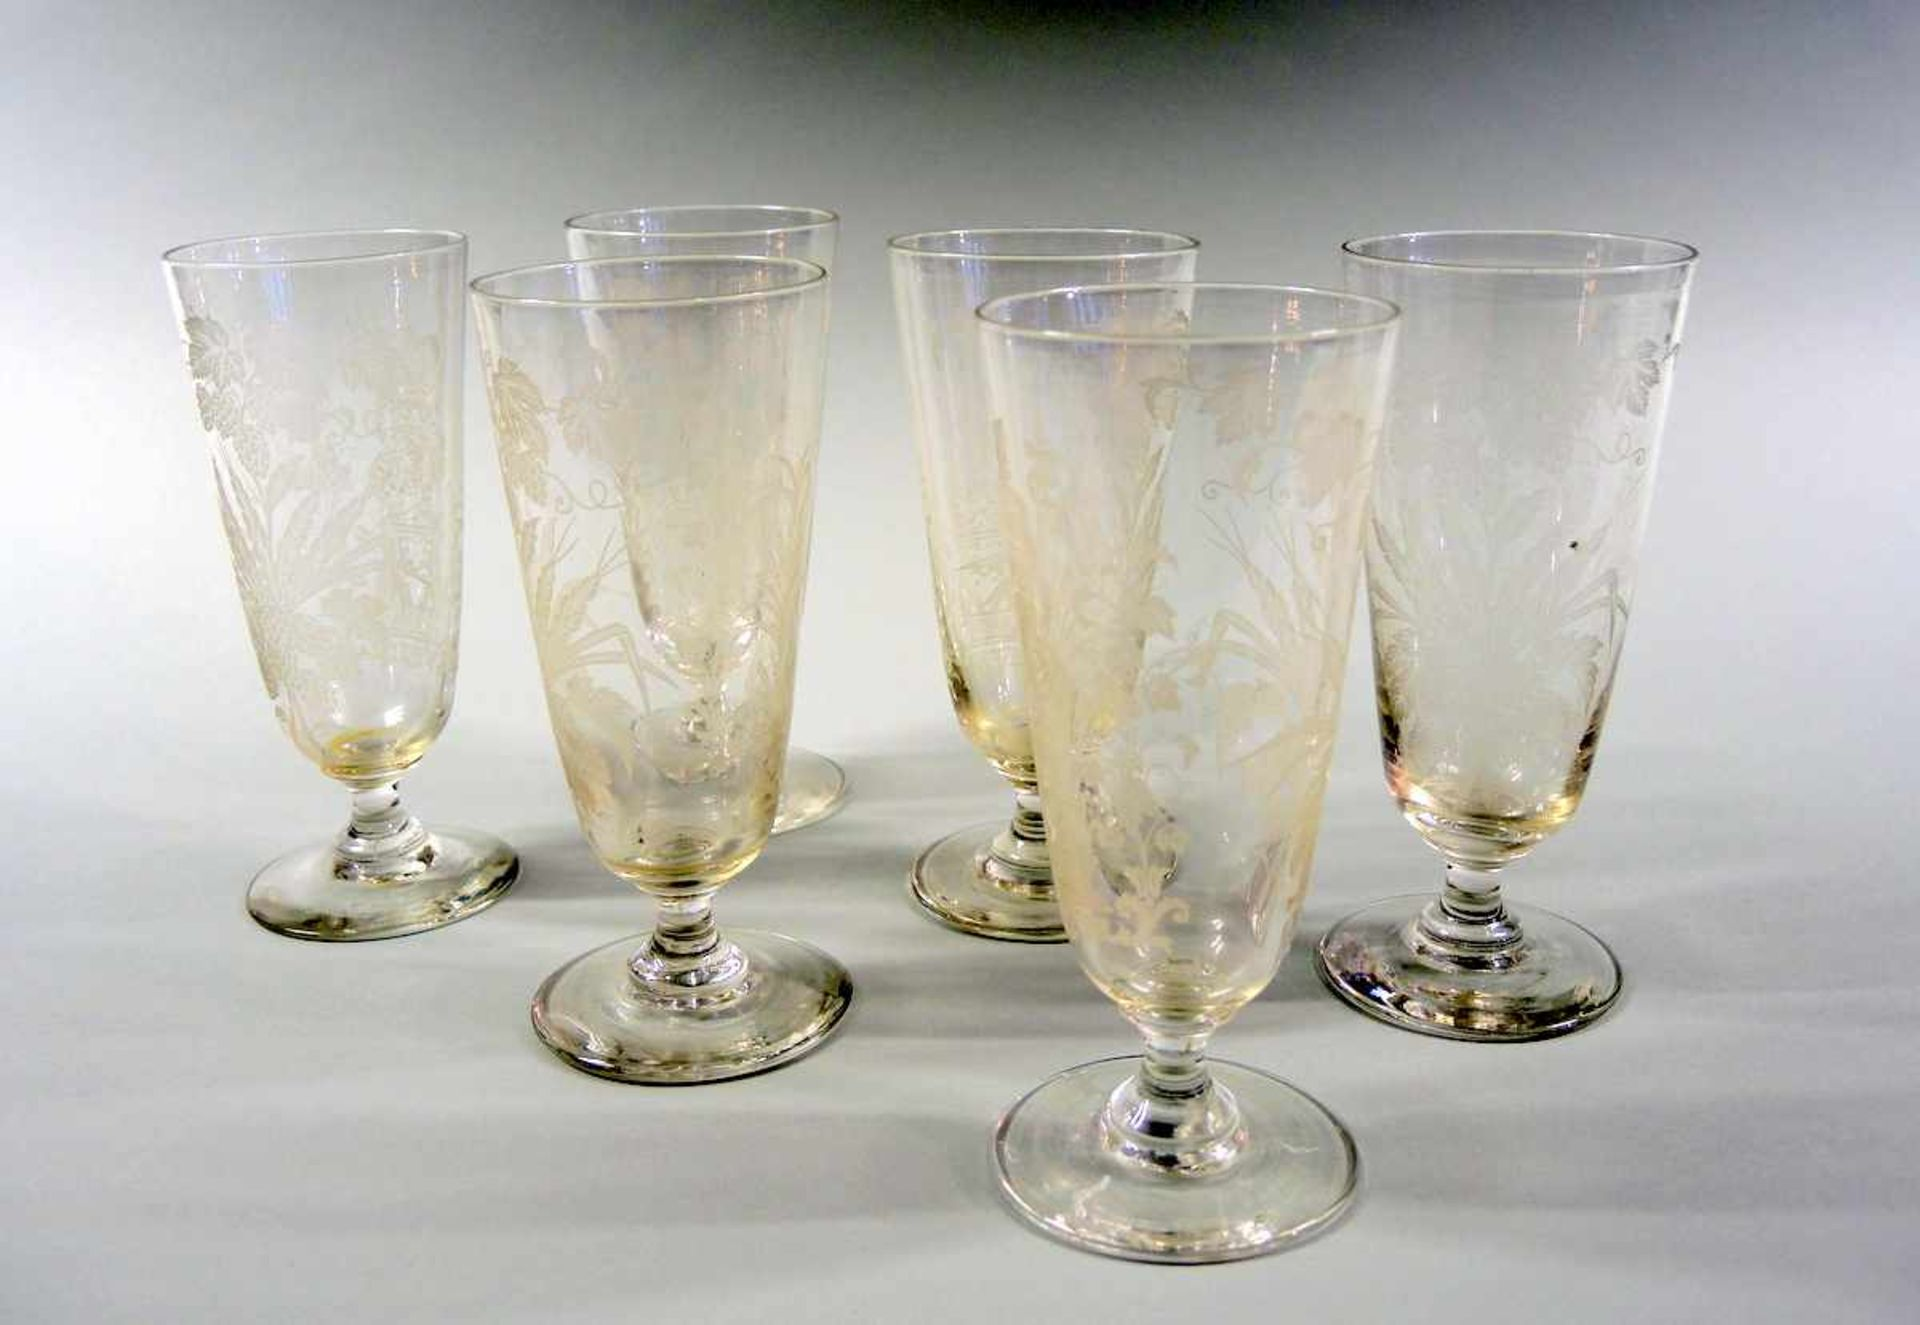 Los 38 - 6 Gläser Glas, 6-teilig. Mit angesetztem Fuß, ziseliert mit Kornähre, Blättern und einem König.